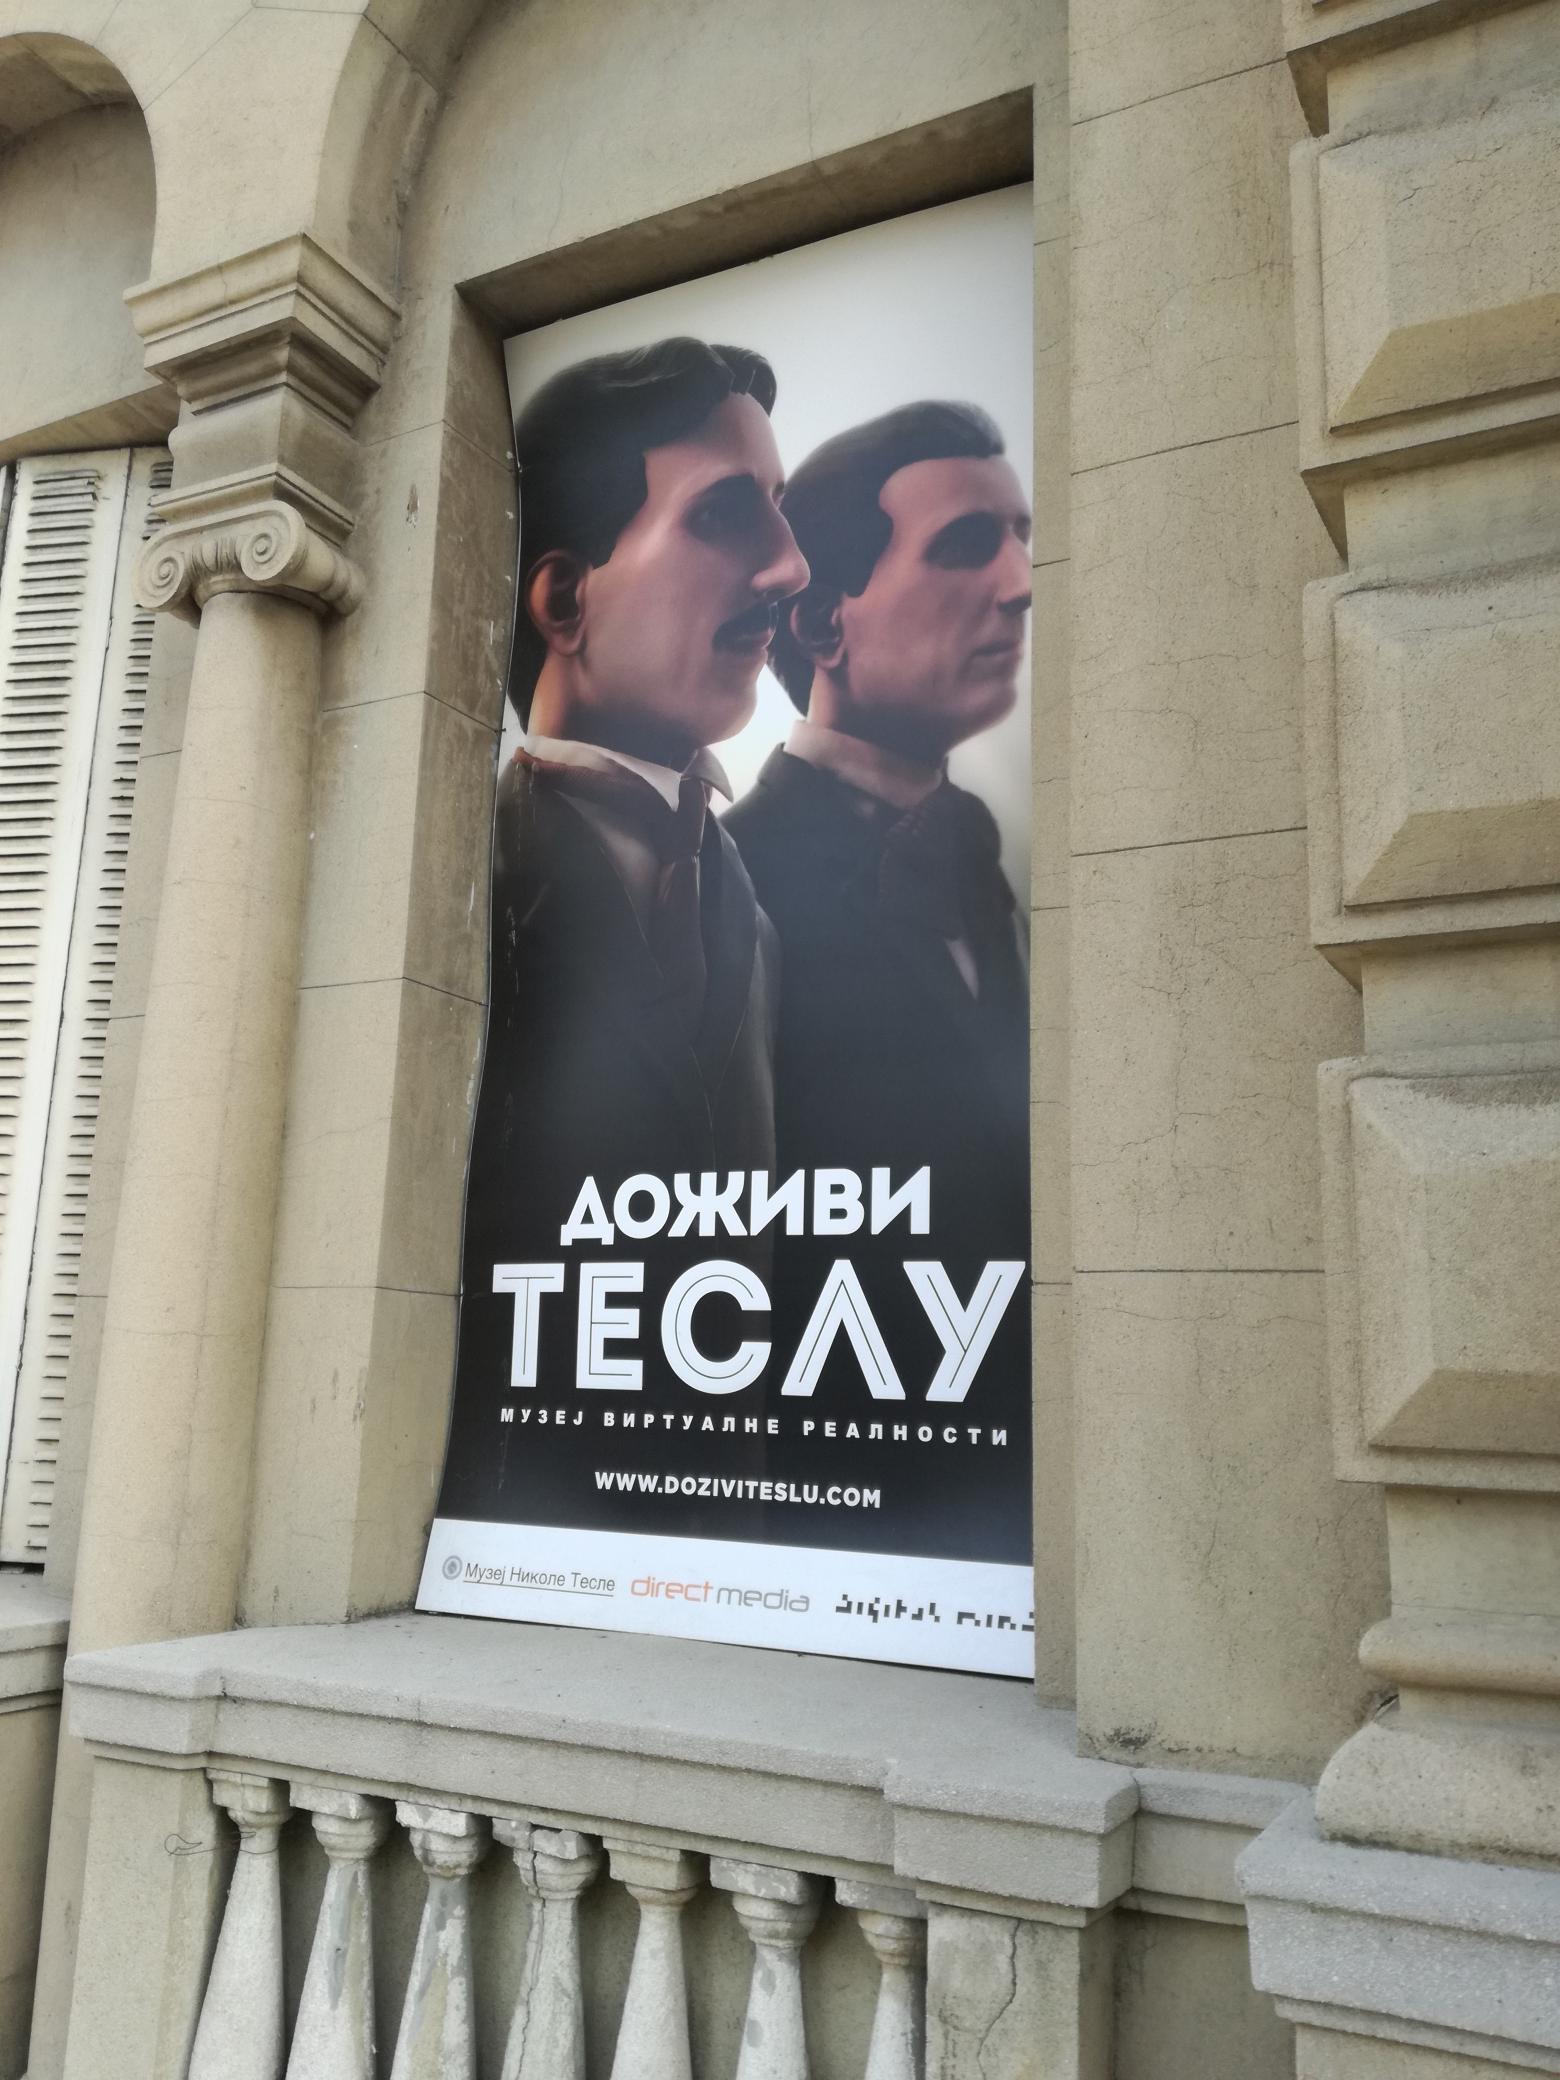 Tesla plakát a múzeum falán